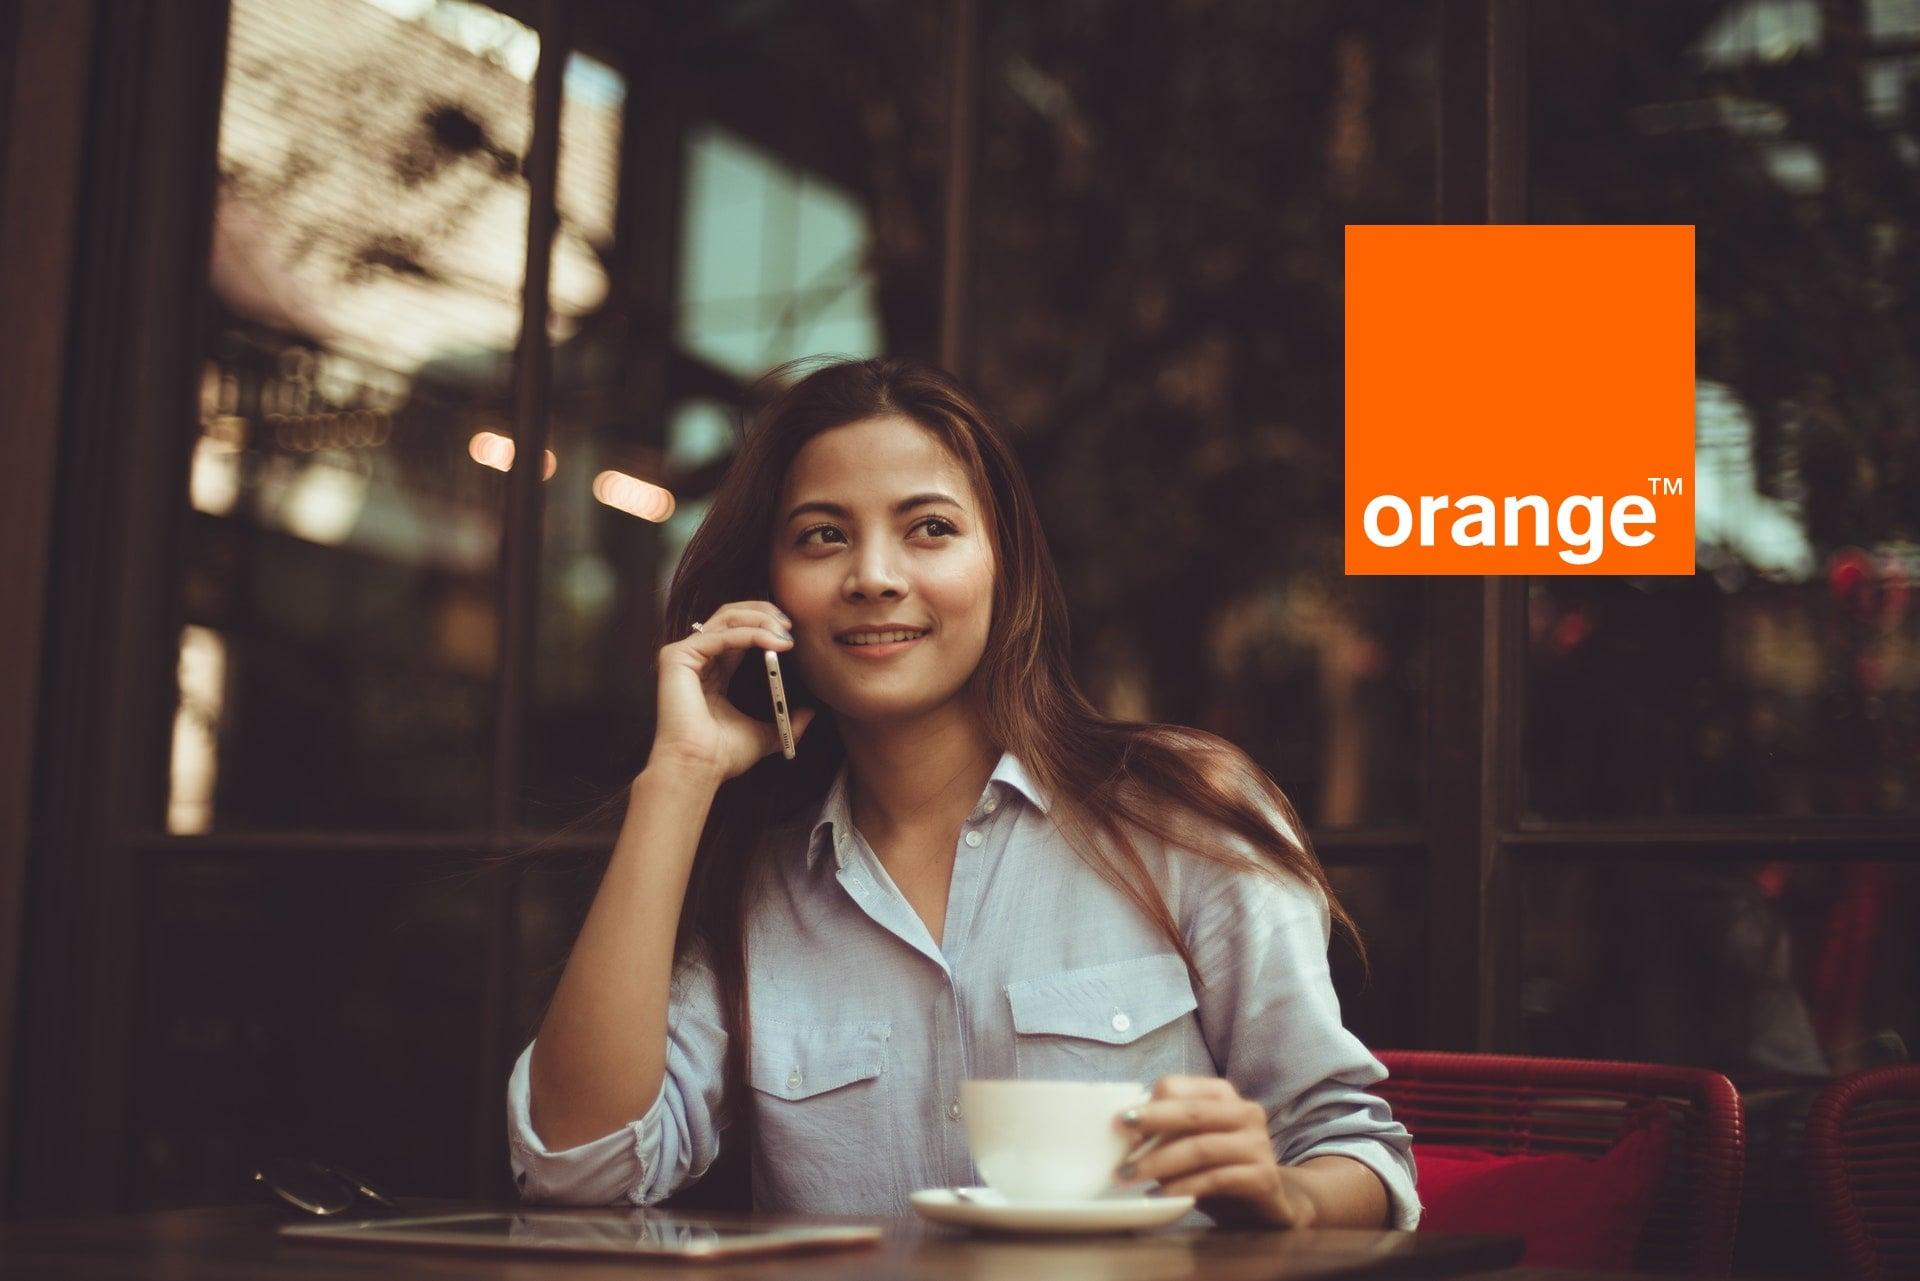 Nie było twojego wymarzonego smartfona w salonie Orange? Będziesz mógł zamówić go do domu